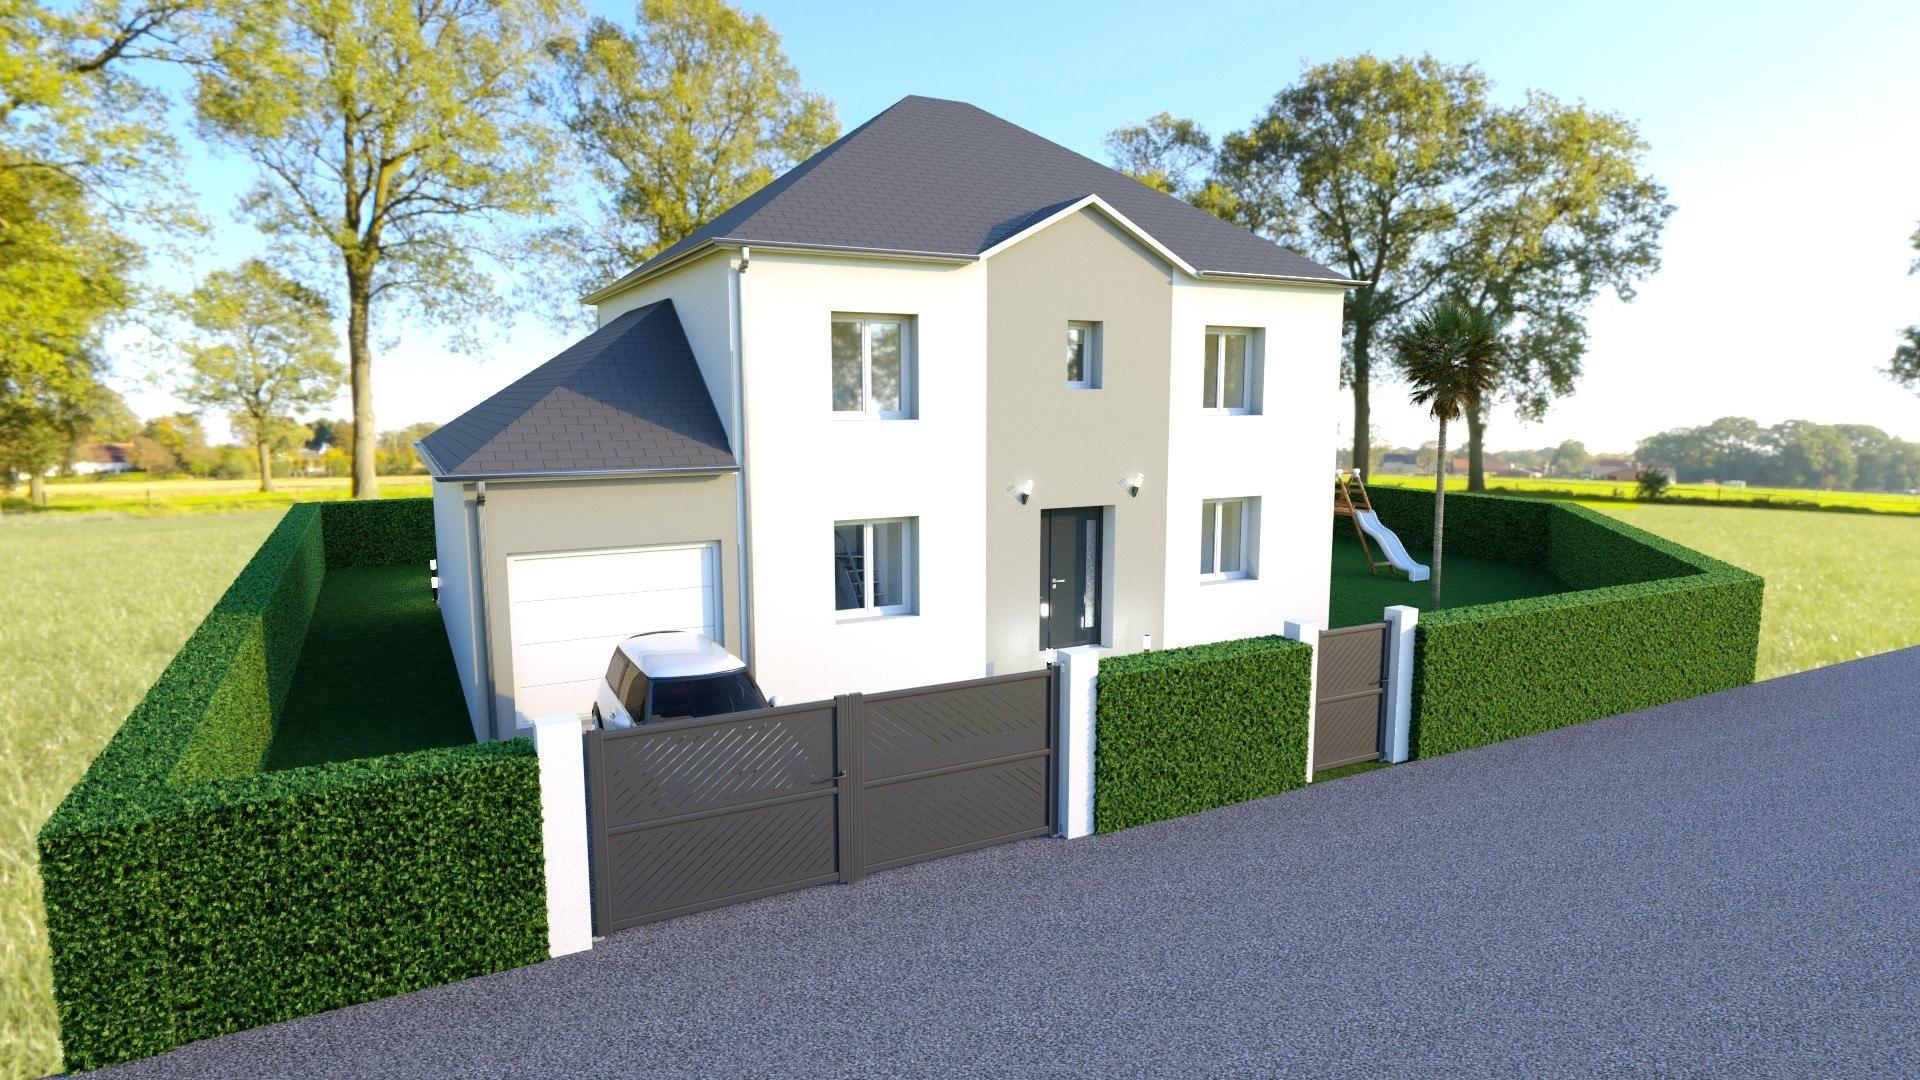 Maisons + Terrains du constructeur MAISON FAMILIALE • 130 m² • QUINCY VOISINS